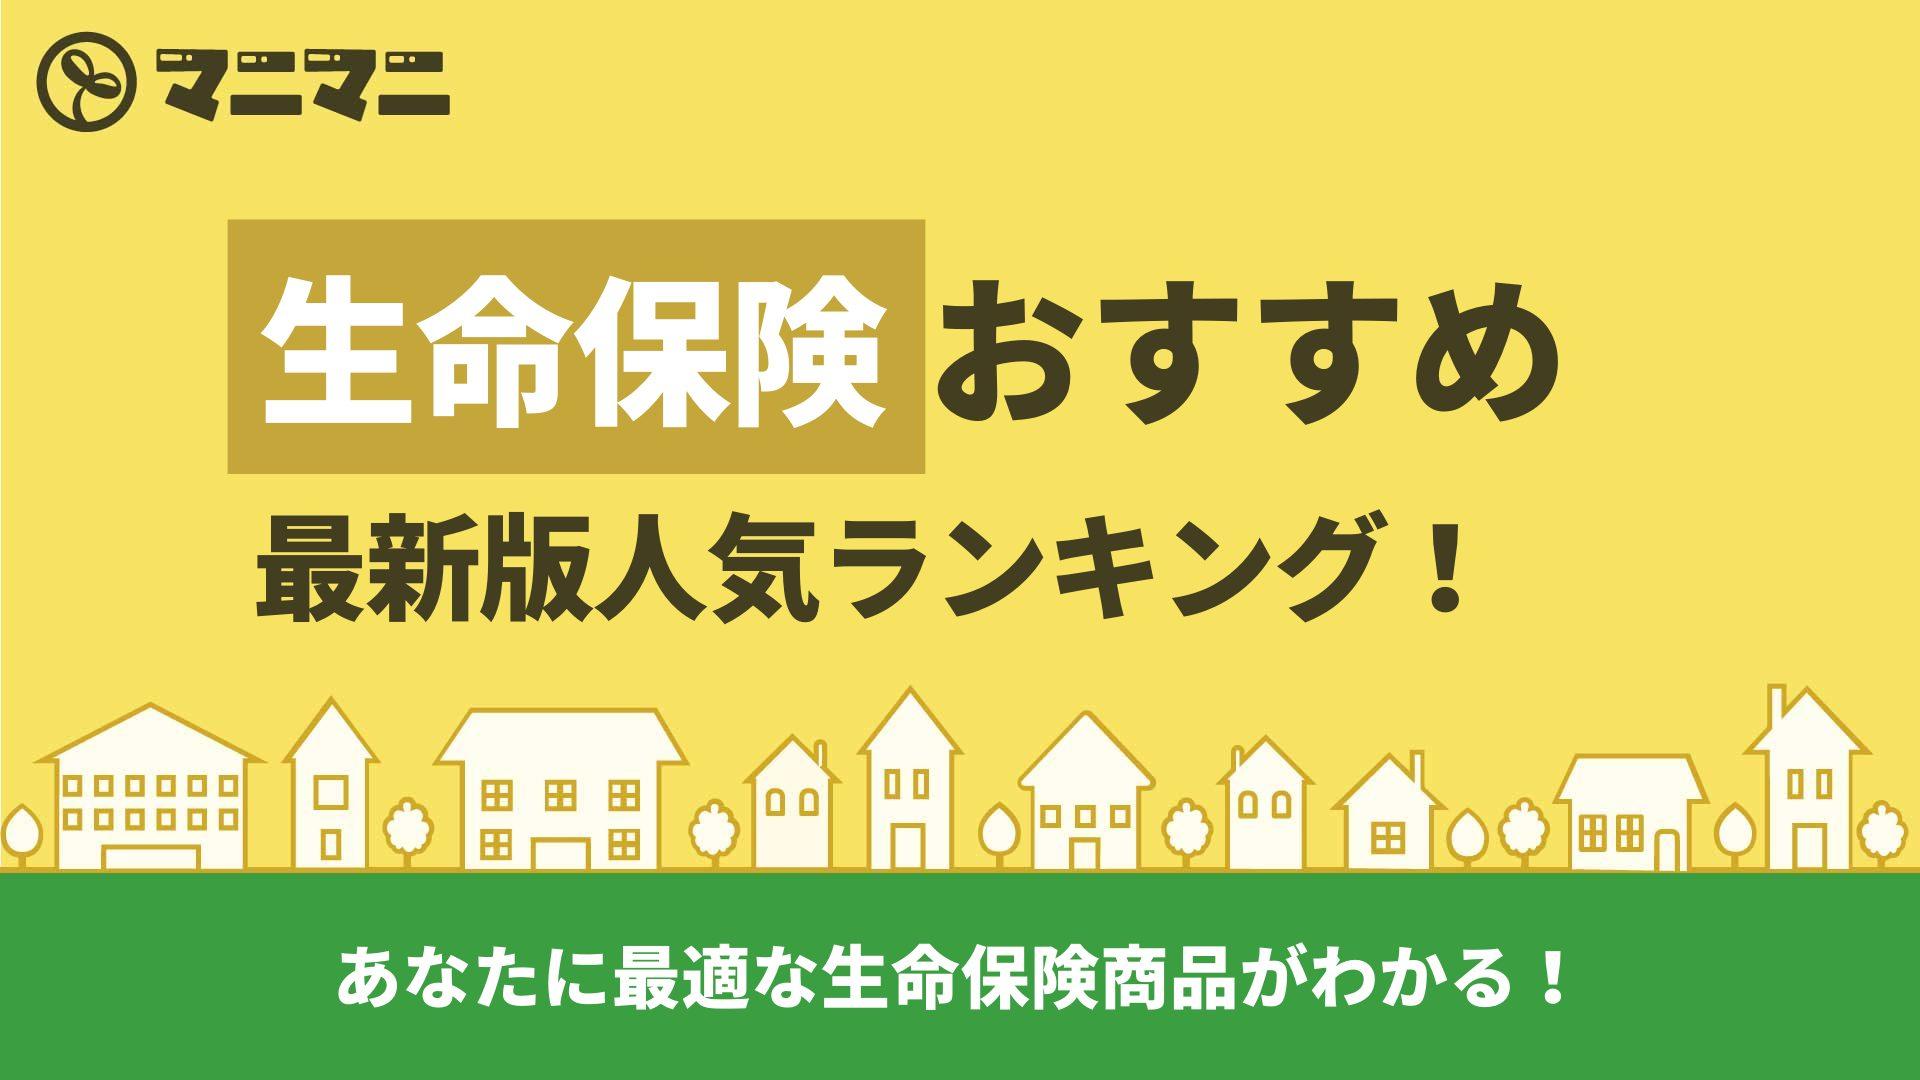 【最新】生命保険おすすめ人気ランキング 最適な商品がわかる!